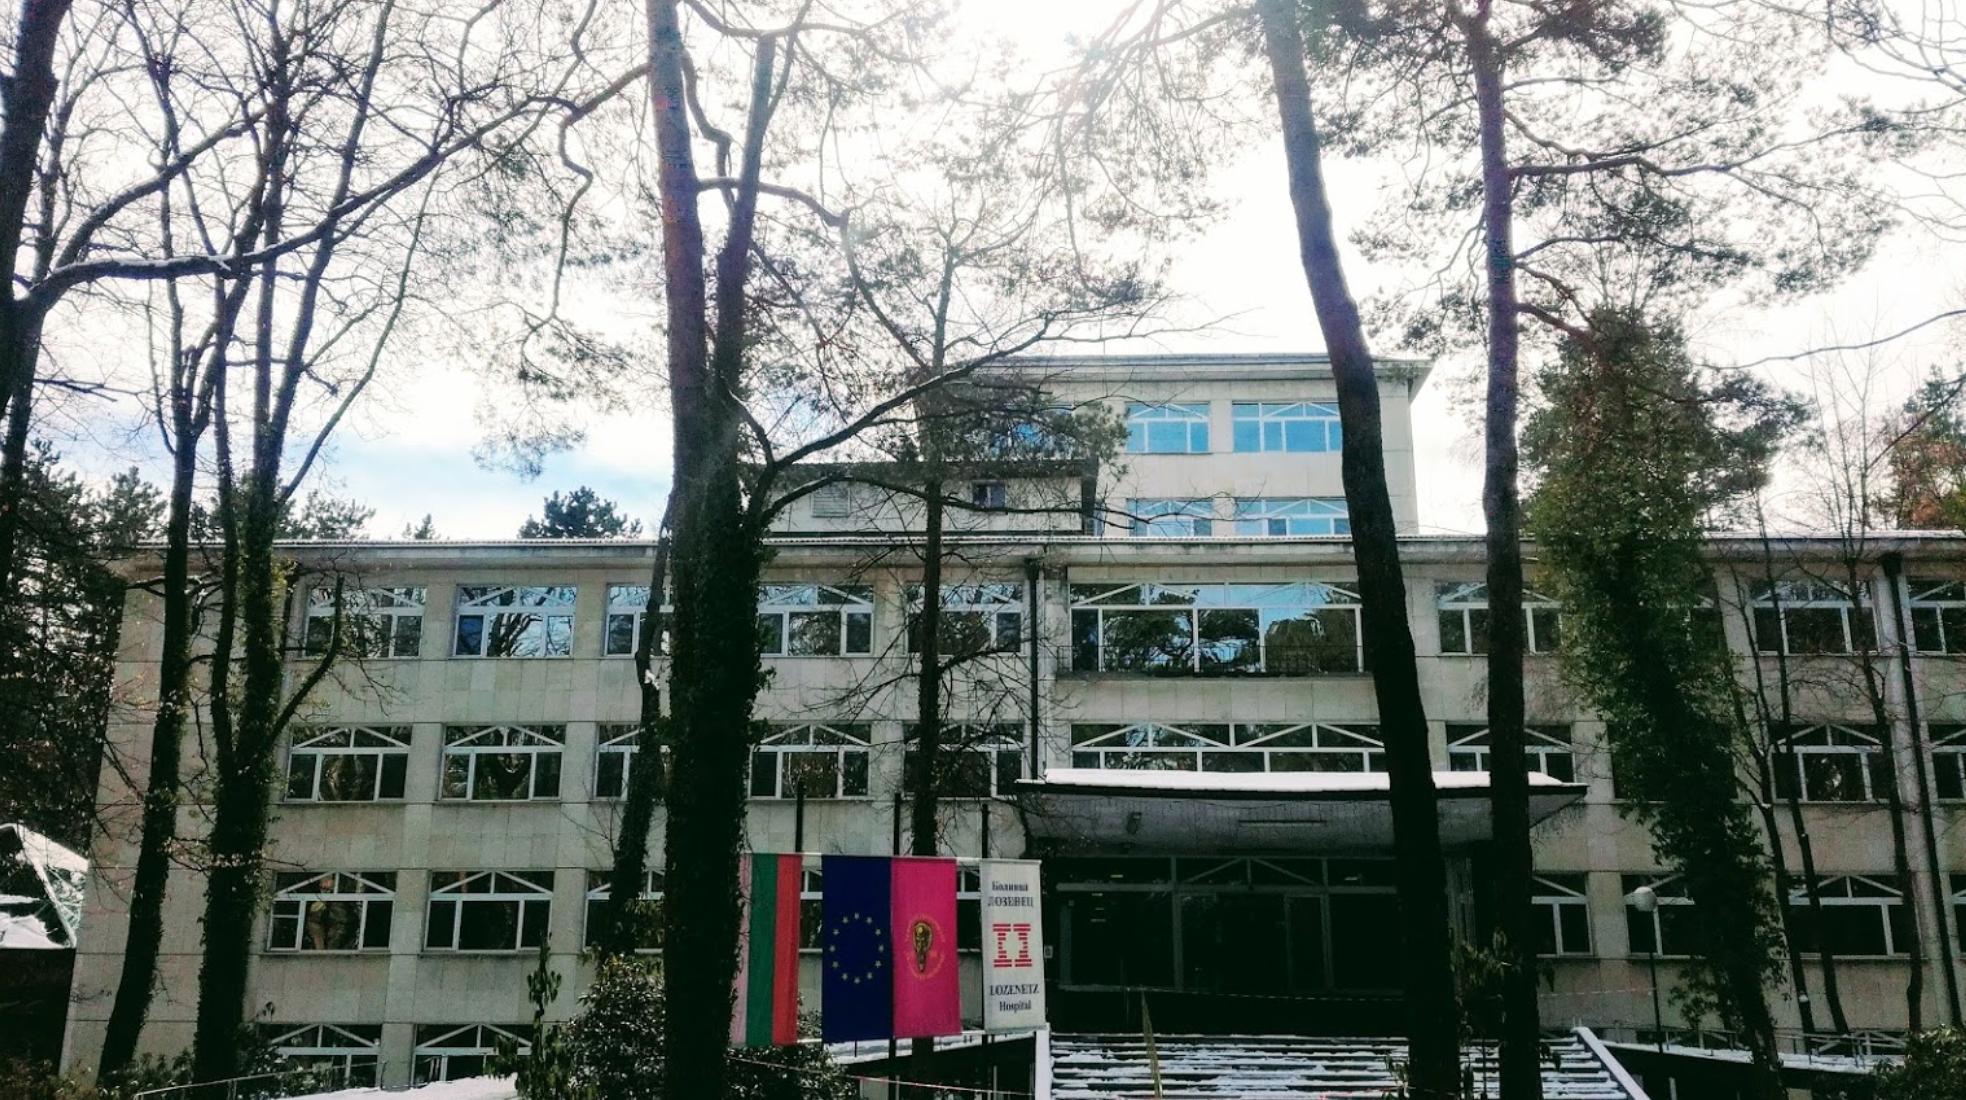 Bulgária VIP kórházában illegális szervkereskedelem miatt váltották le a vezetést